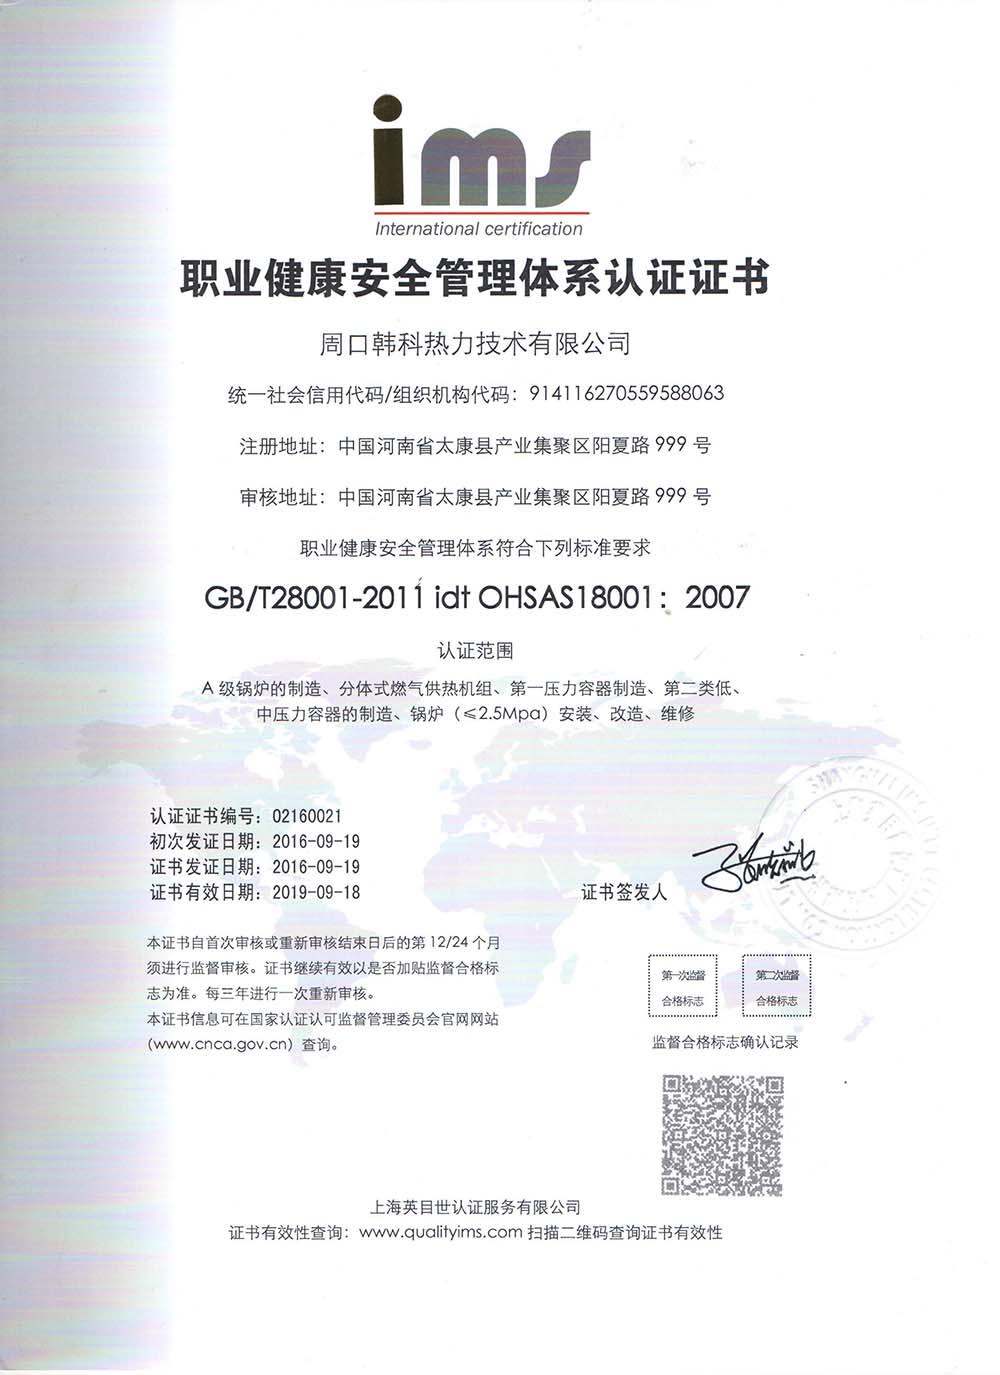 18001职业健康安全管理证书